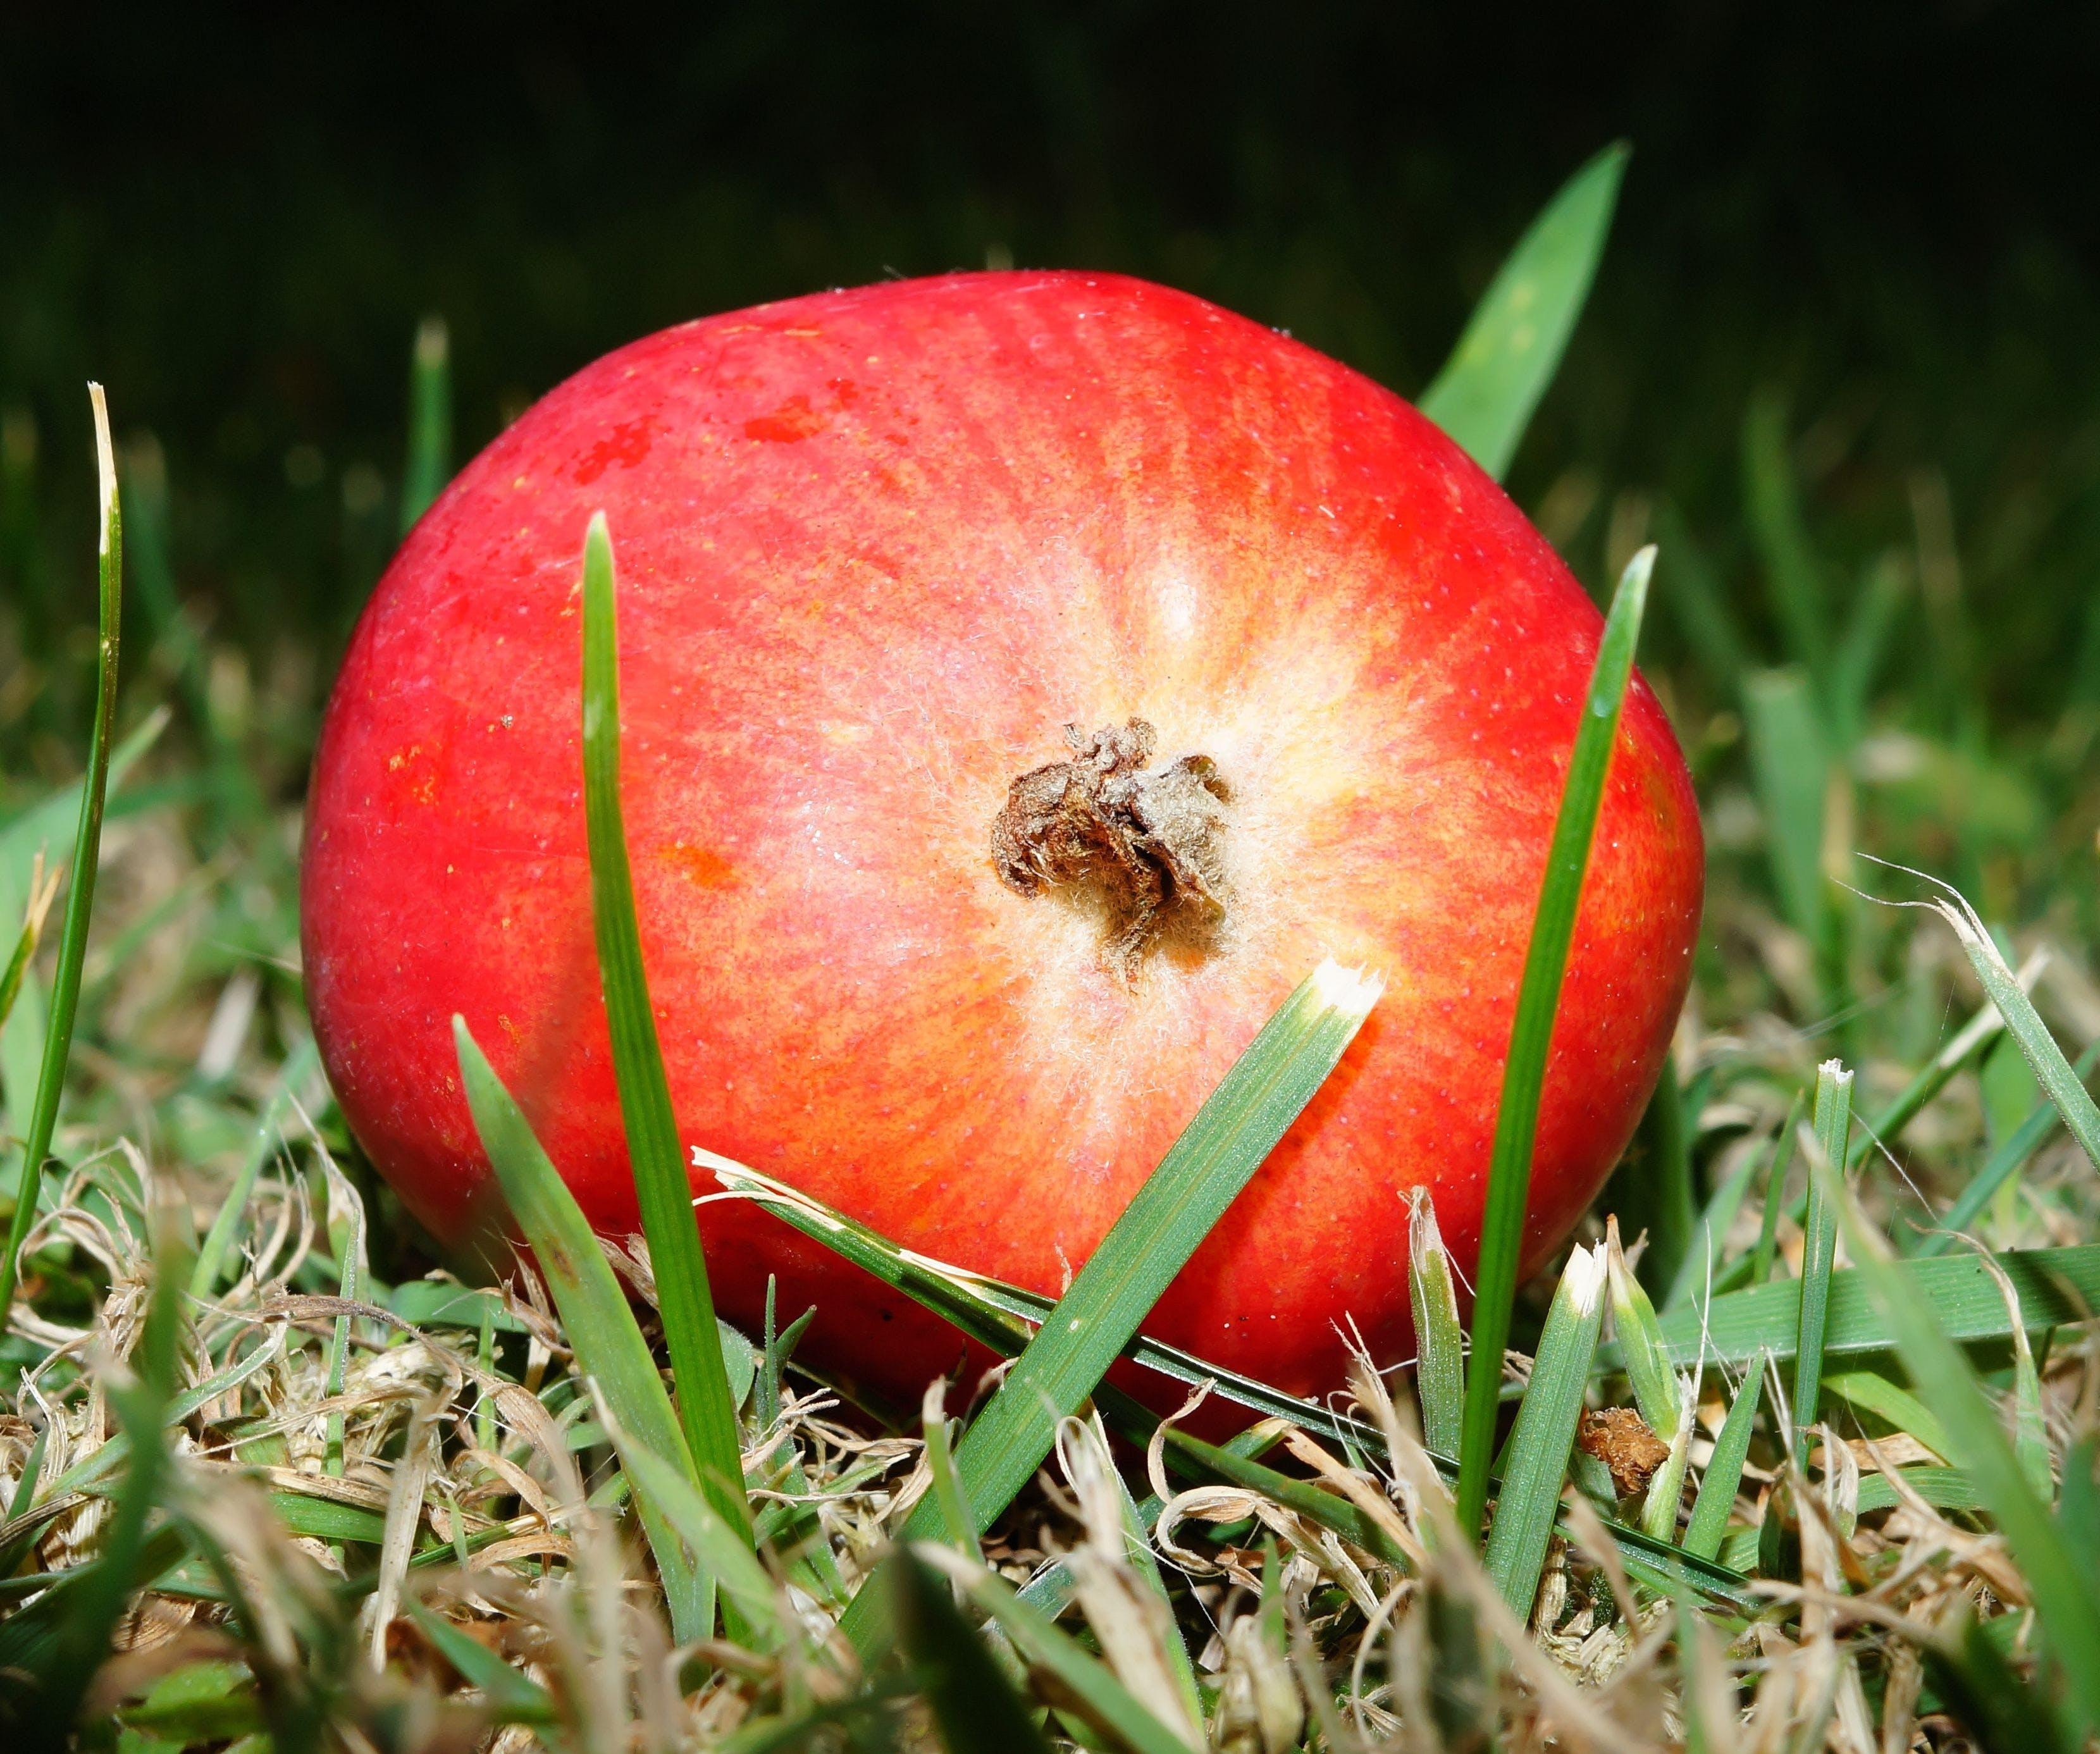 Kostenloses Stock Foto zu fokus, frucht, granatapfel, gras